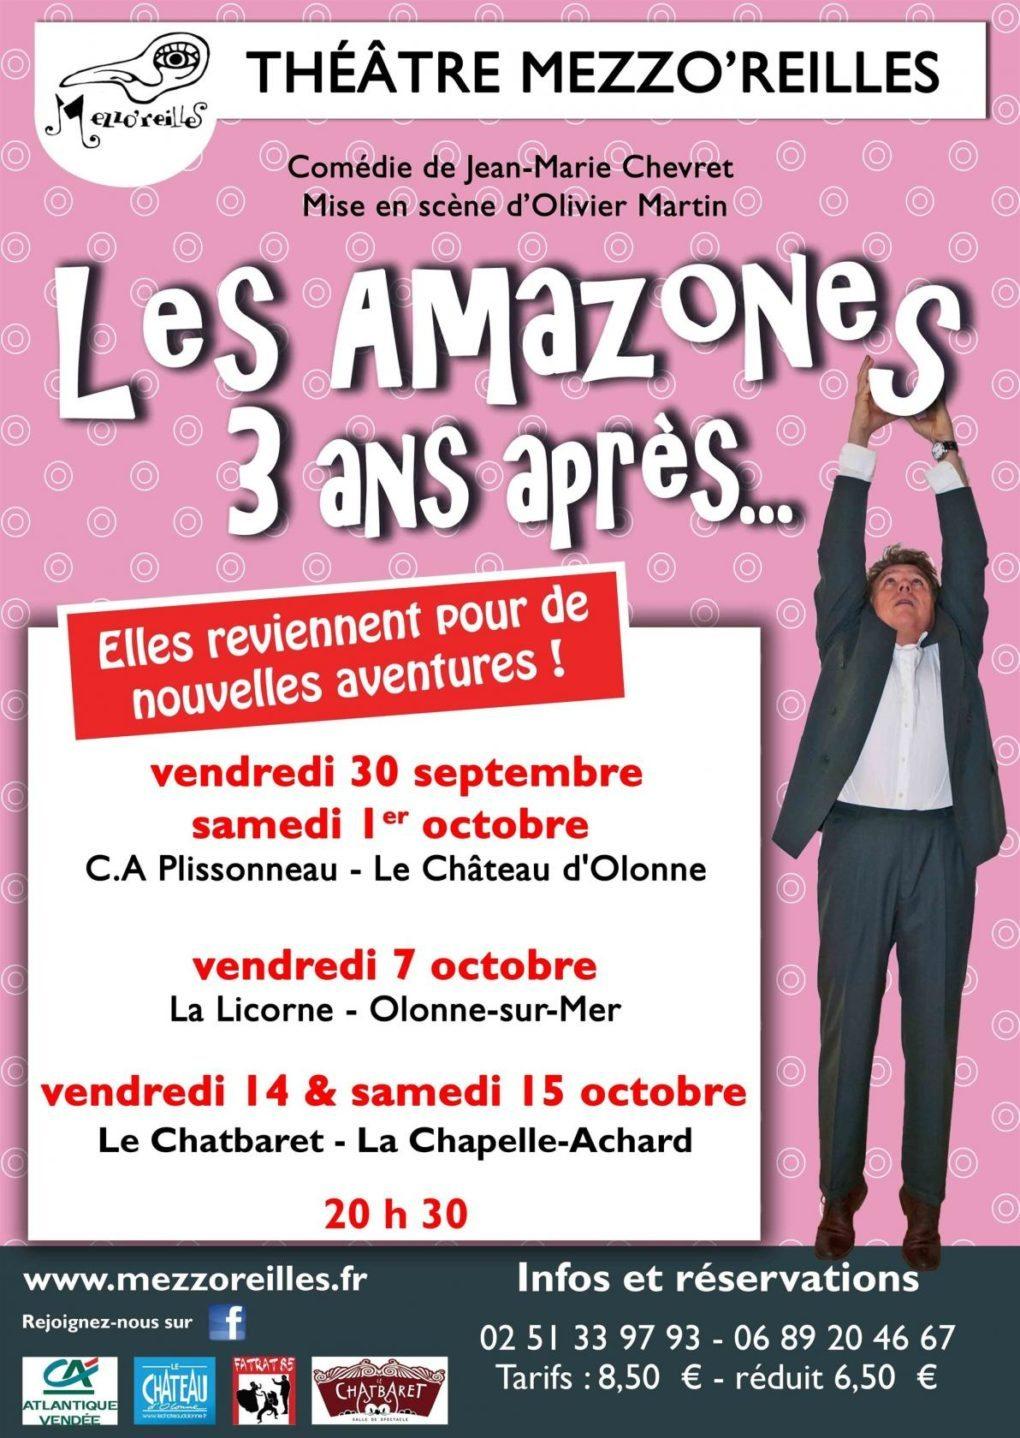 Les Amazones 3 ans après par la Compagnie Mezzo'reilles La Chapelle-Achard